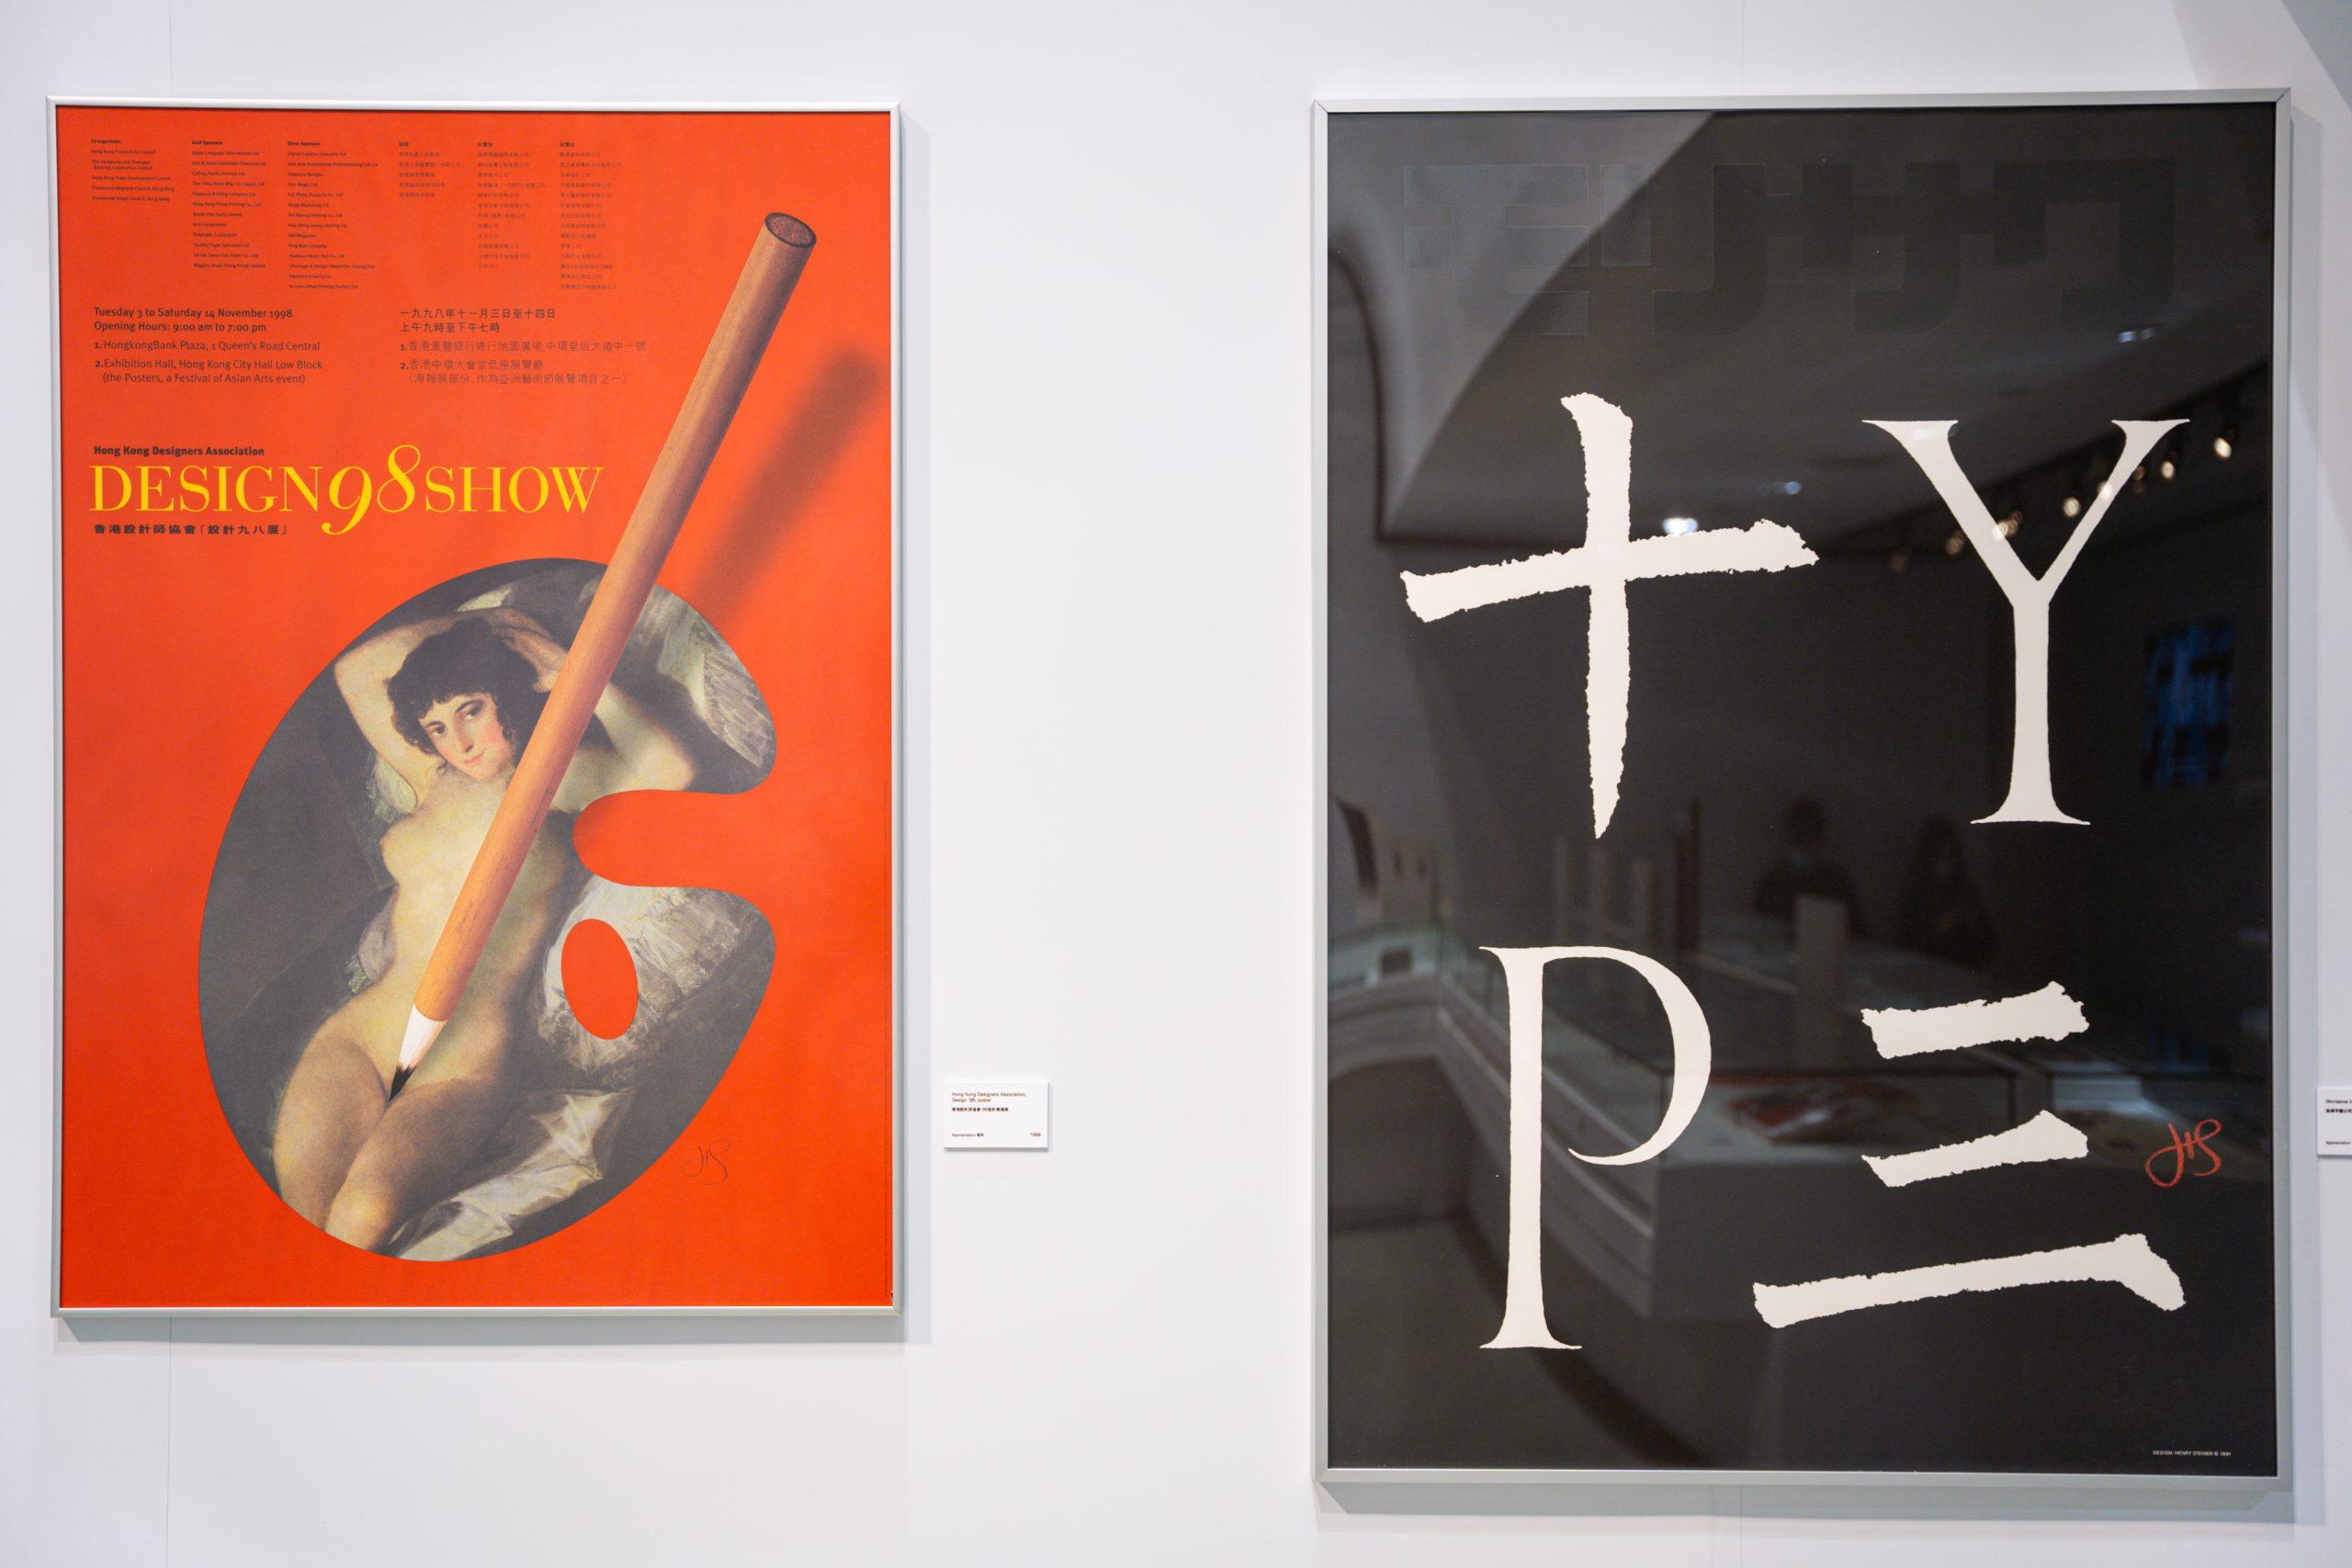 老香港設計展覽 石漢瑞 設計 海報 香港設計師協會 森澤字體公司